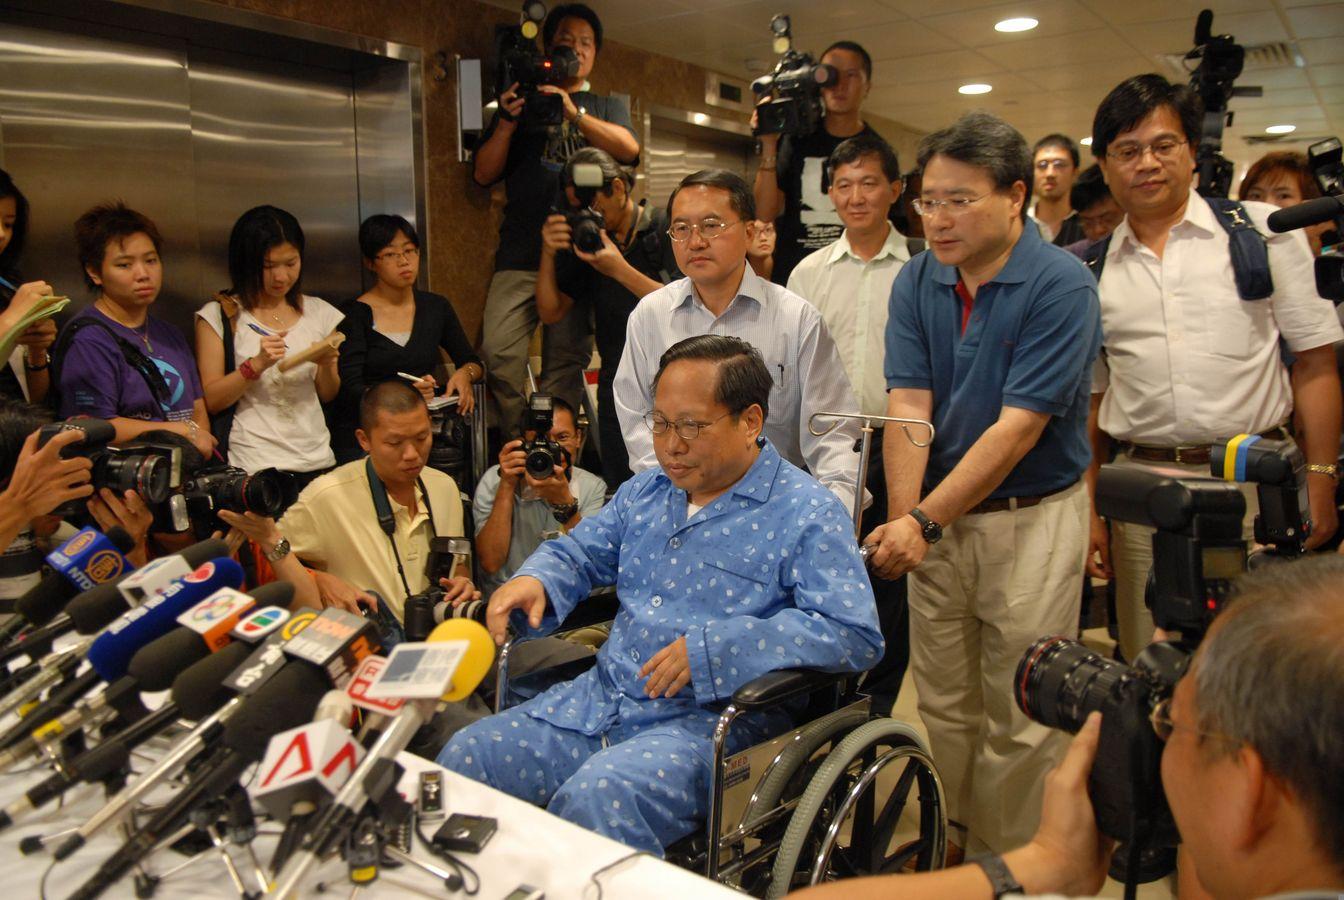 何俊仁在06年曾遇襲入院。資料圖片